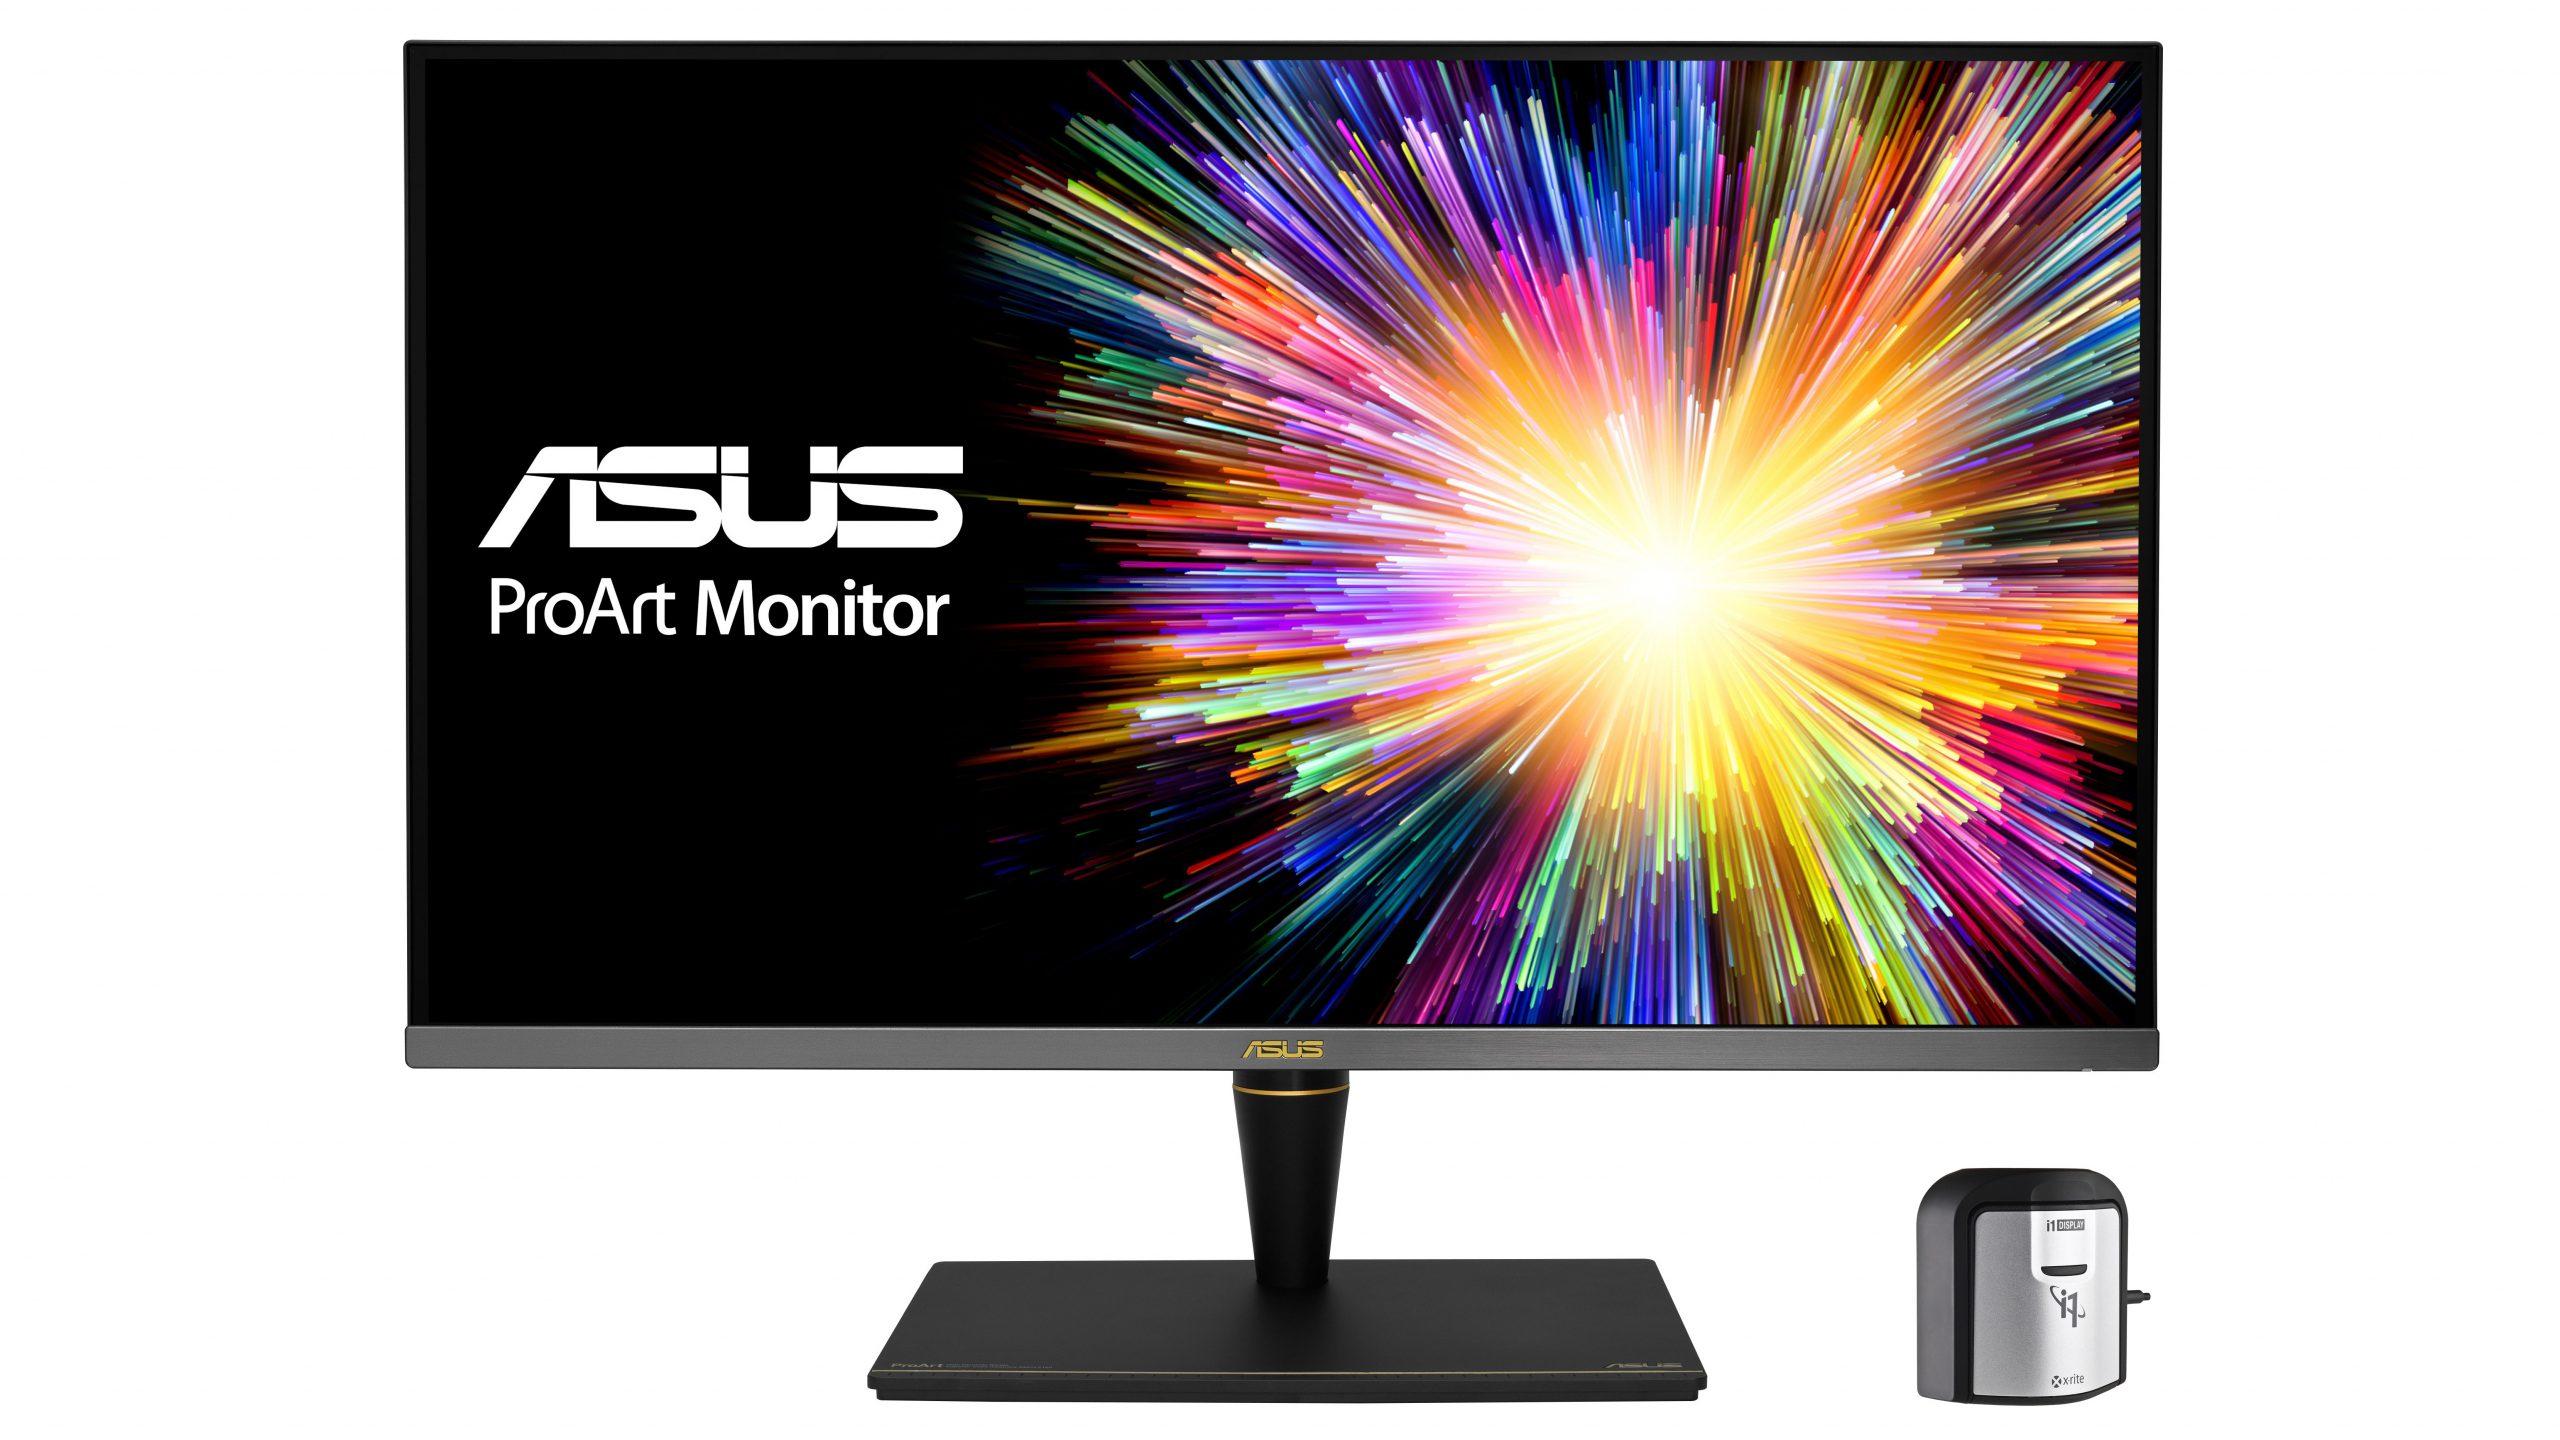 Asus pa32ucx X-rite i1 Display Pro